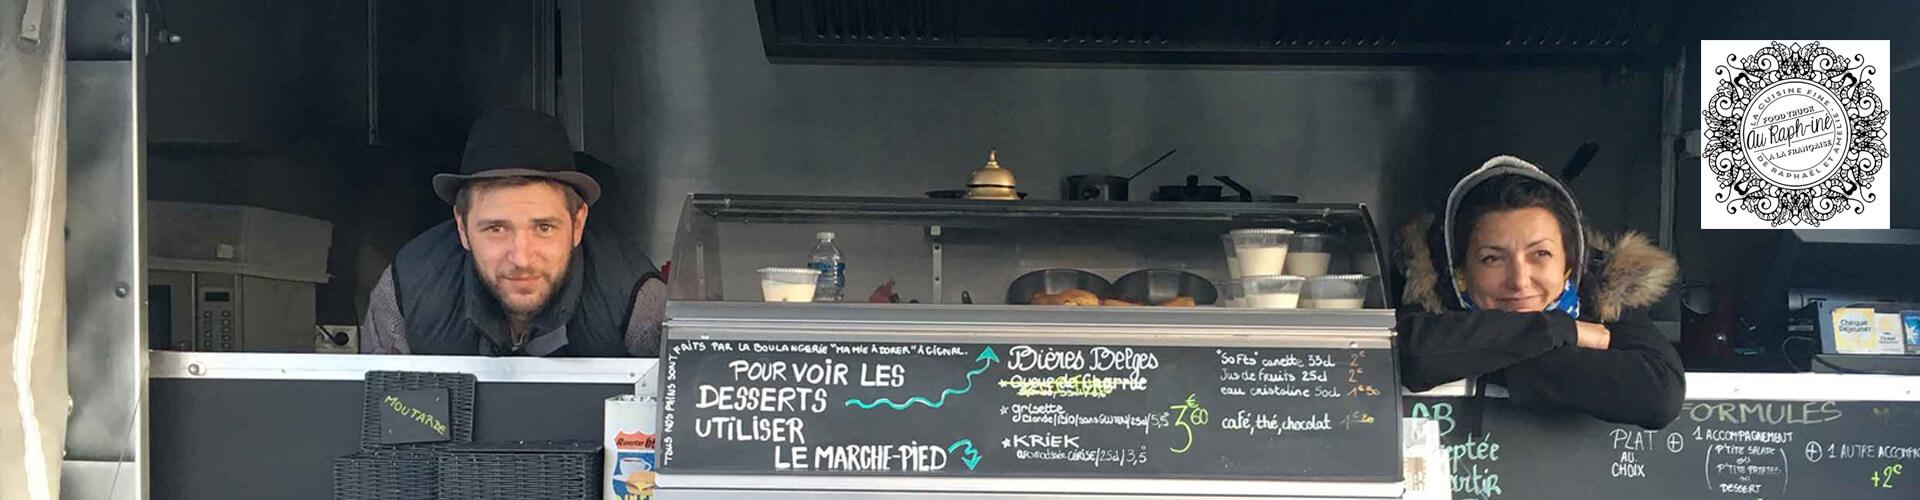 Au Raph-iné, food truck, street food au Pouget en Coeur d'Hérault